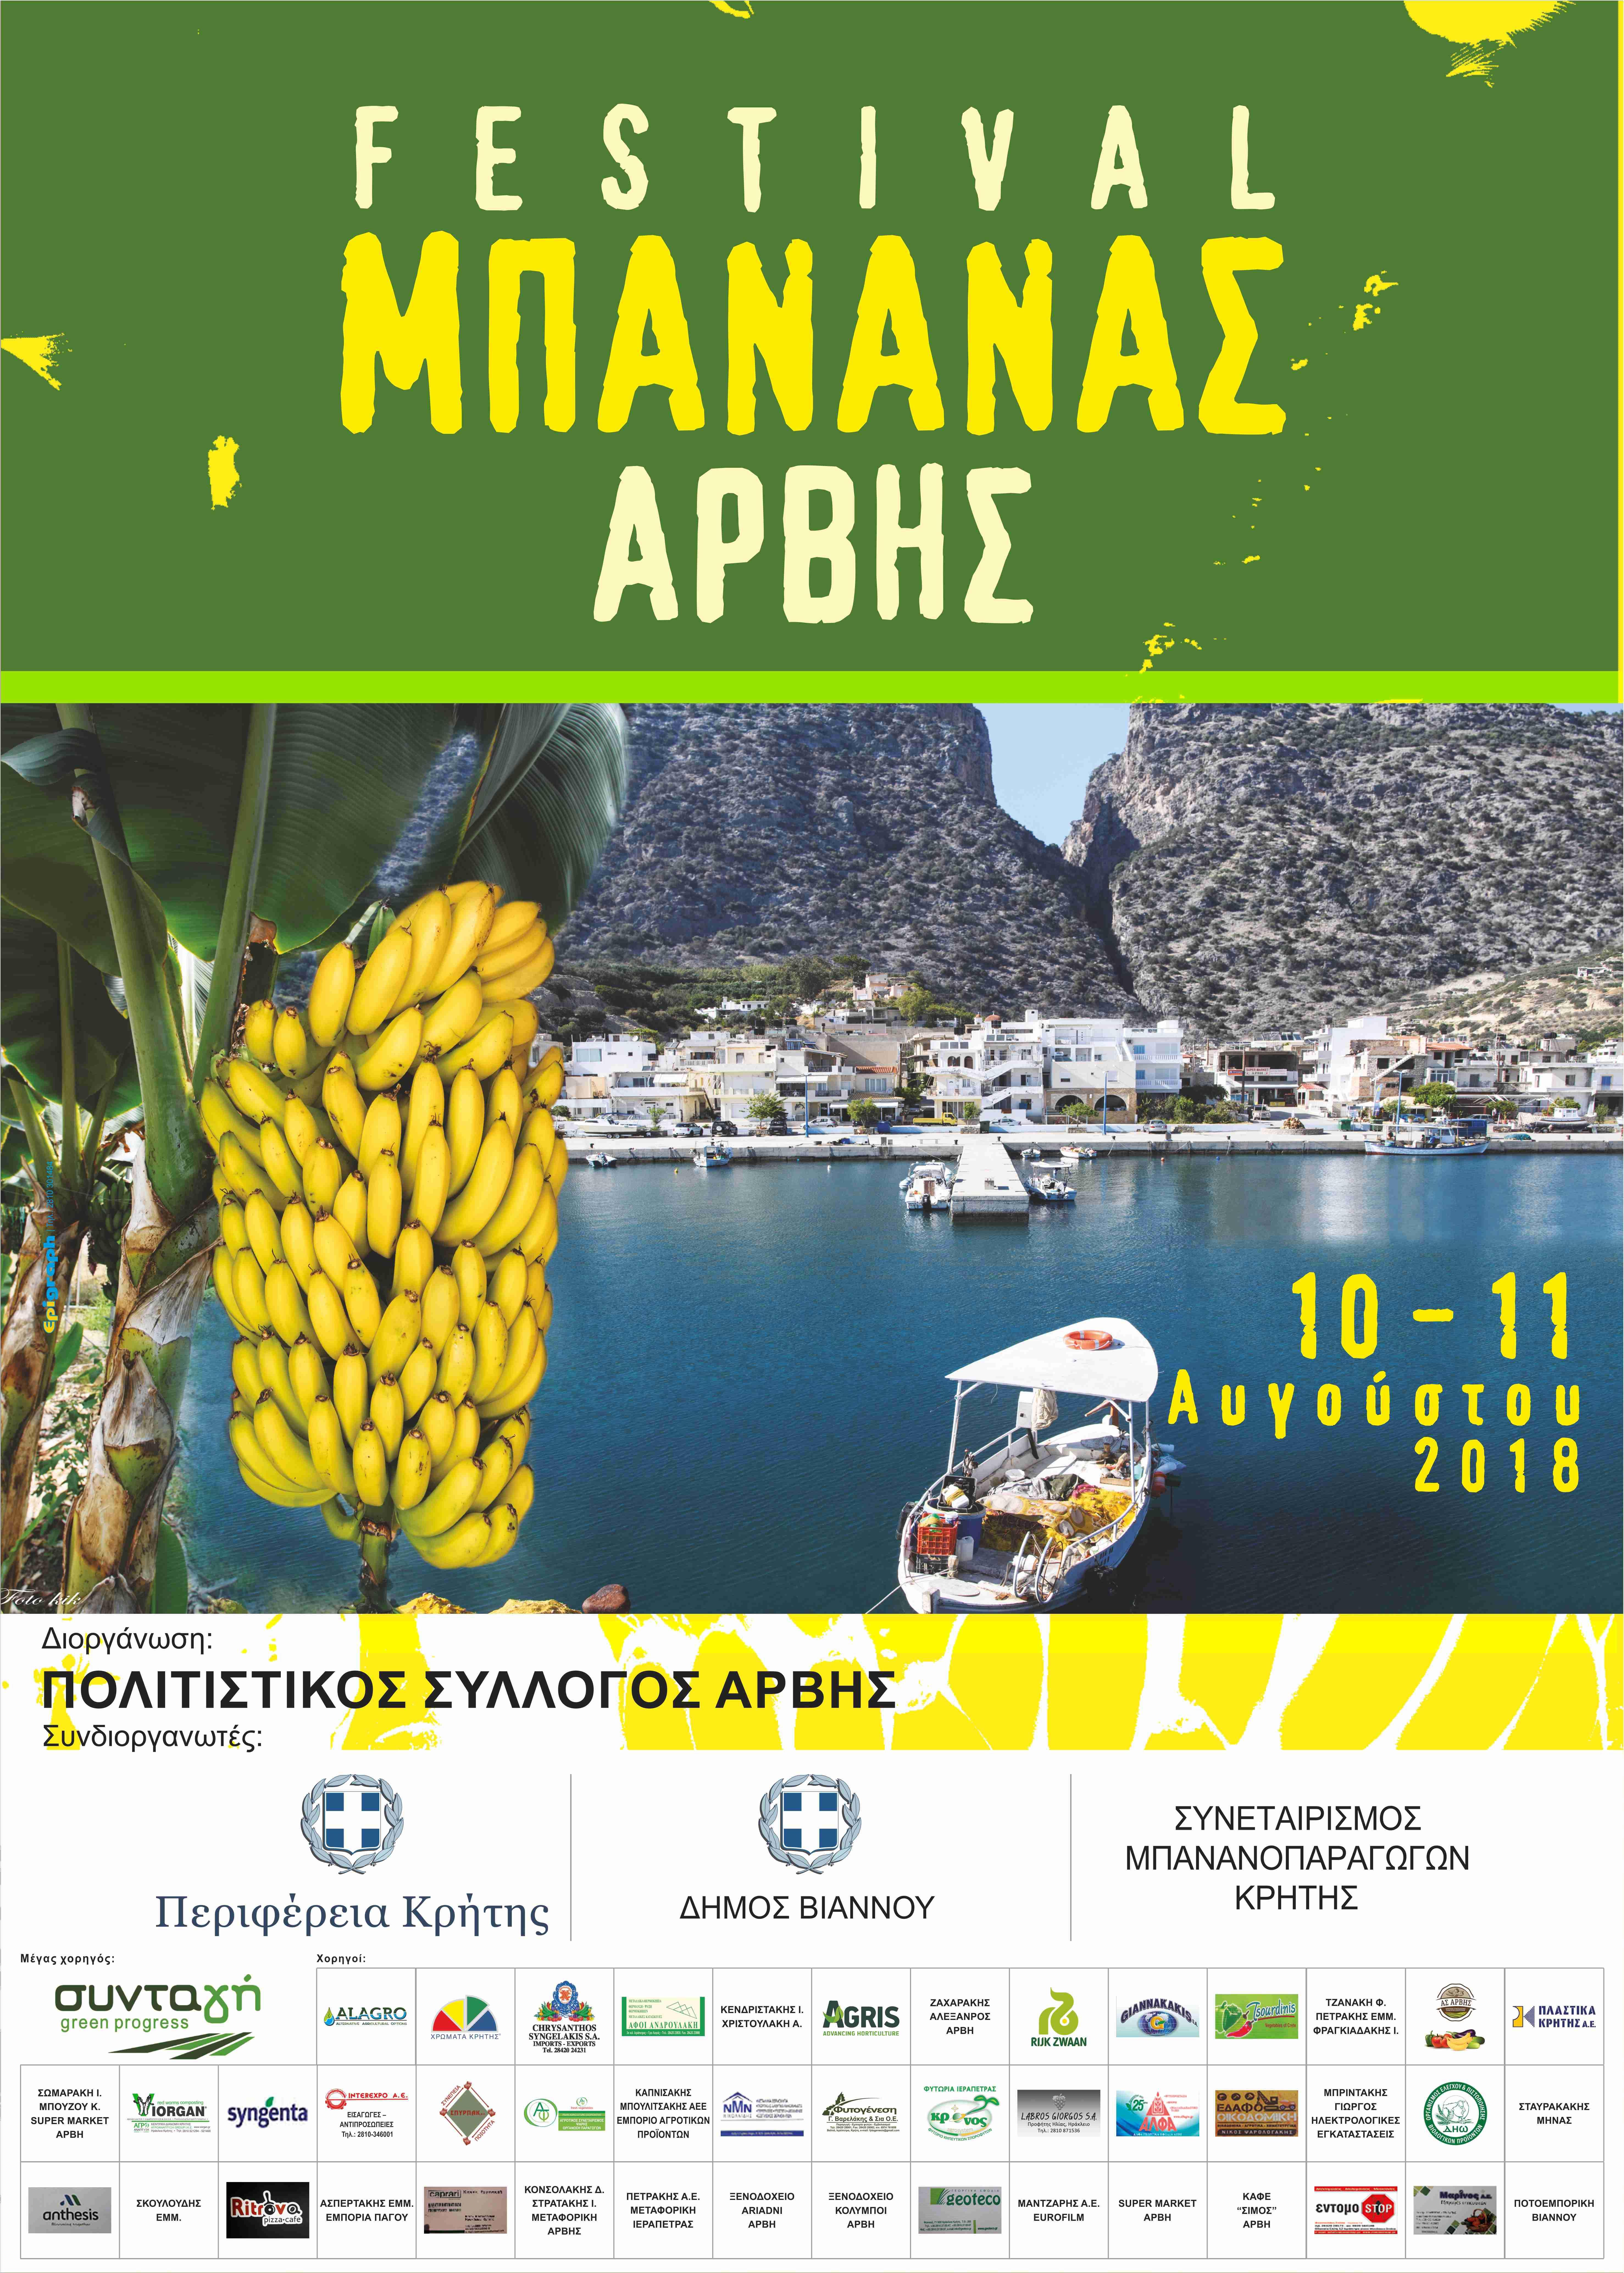 2ο Festival Μπανάνας Άρβης